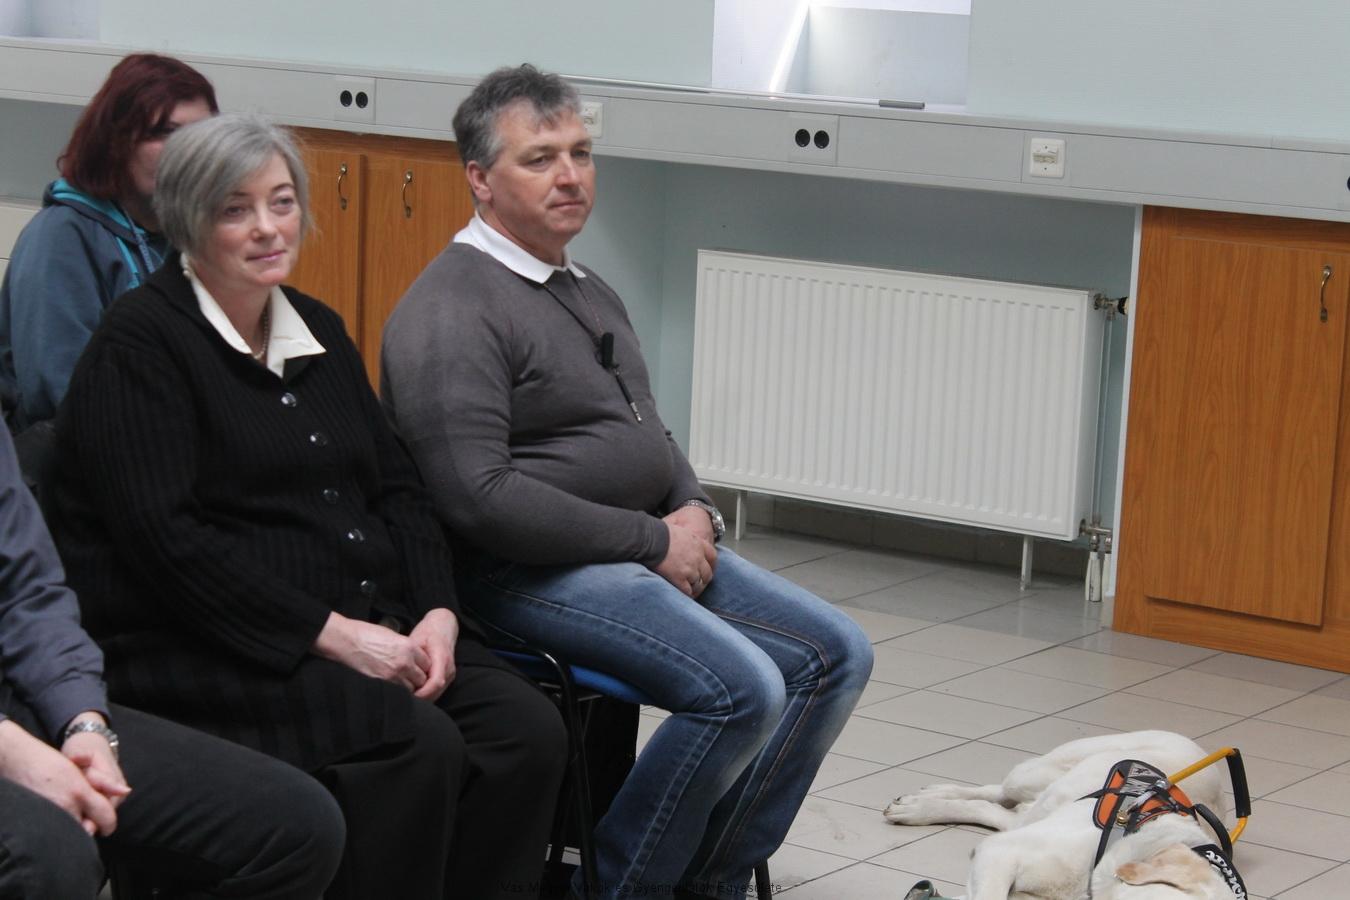 Bősze György és Vass Józsefné Vera vettek részt az idén a programban az Egyesület részéről.